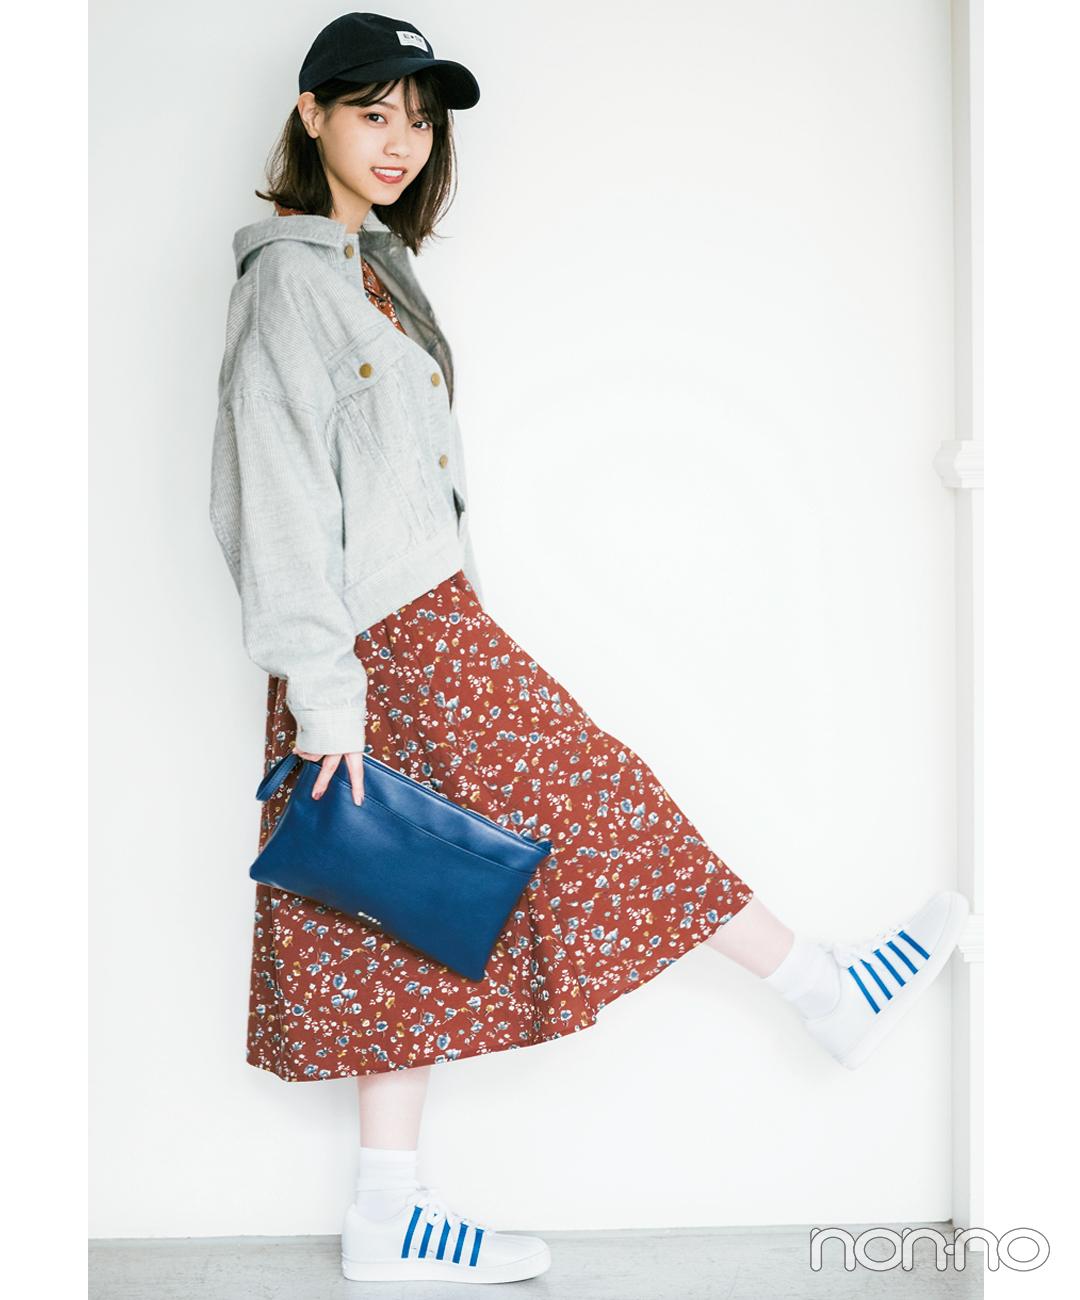 【冬のスニーカーコーデ】西野七瀬は衿抜きジャケットで花柄ワンピースをラフに着る!